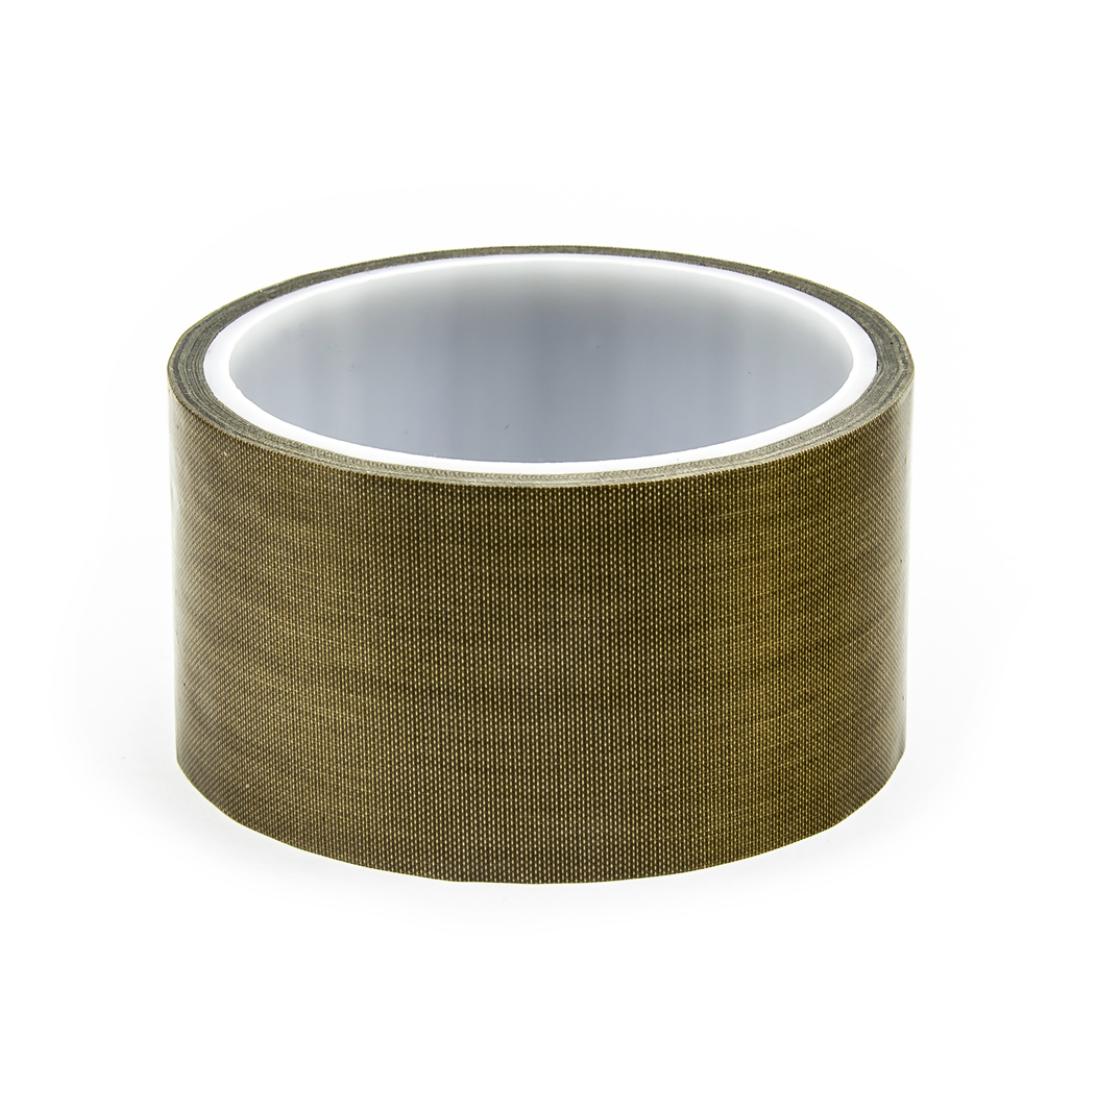 Tepluodolná teflonovaná PTFE páska pro svářečky fólií, šíře 60 mm